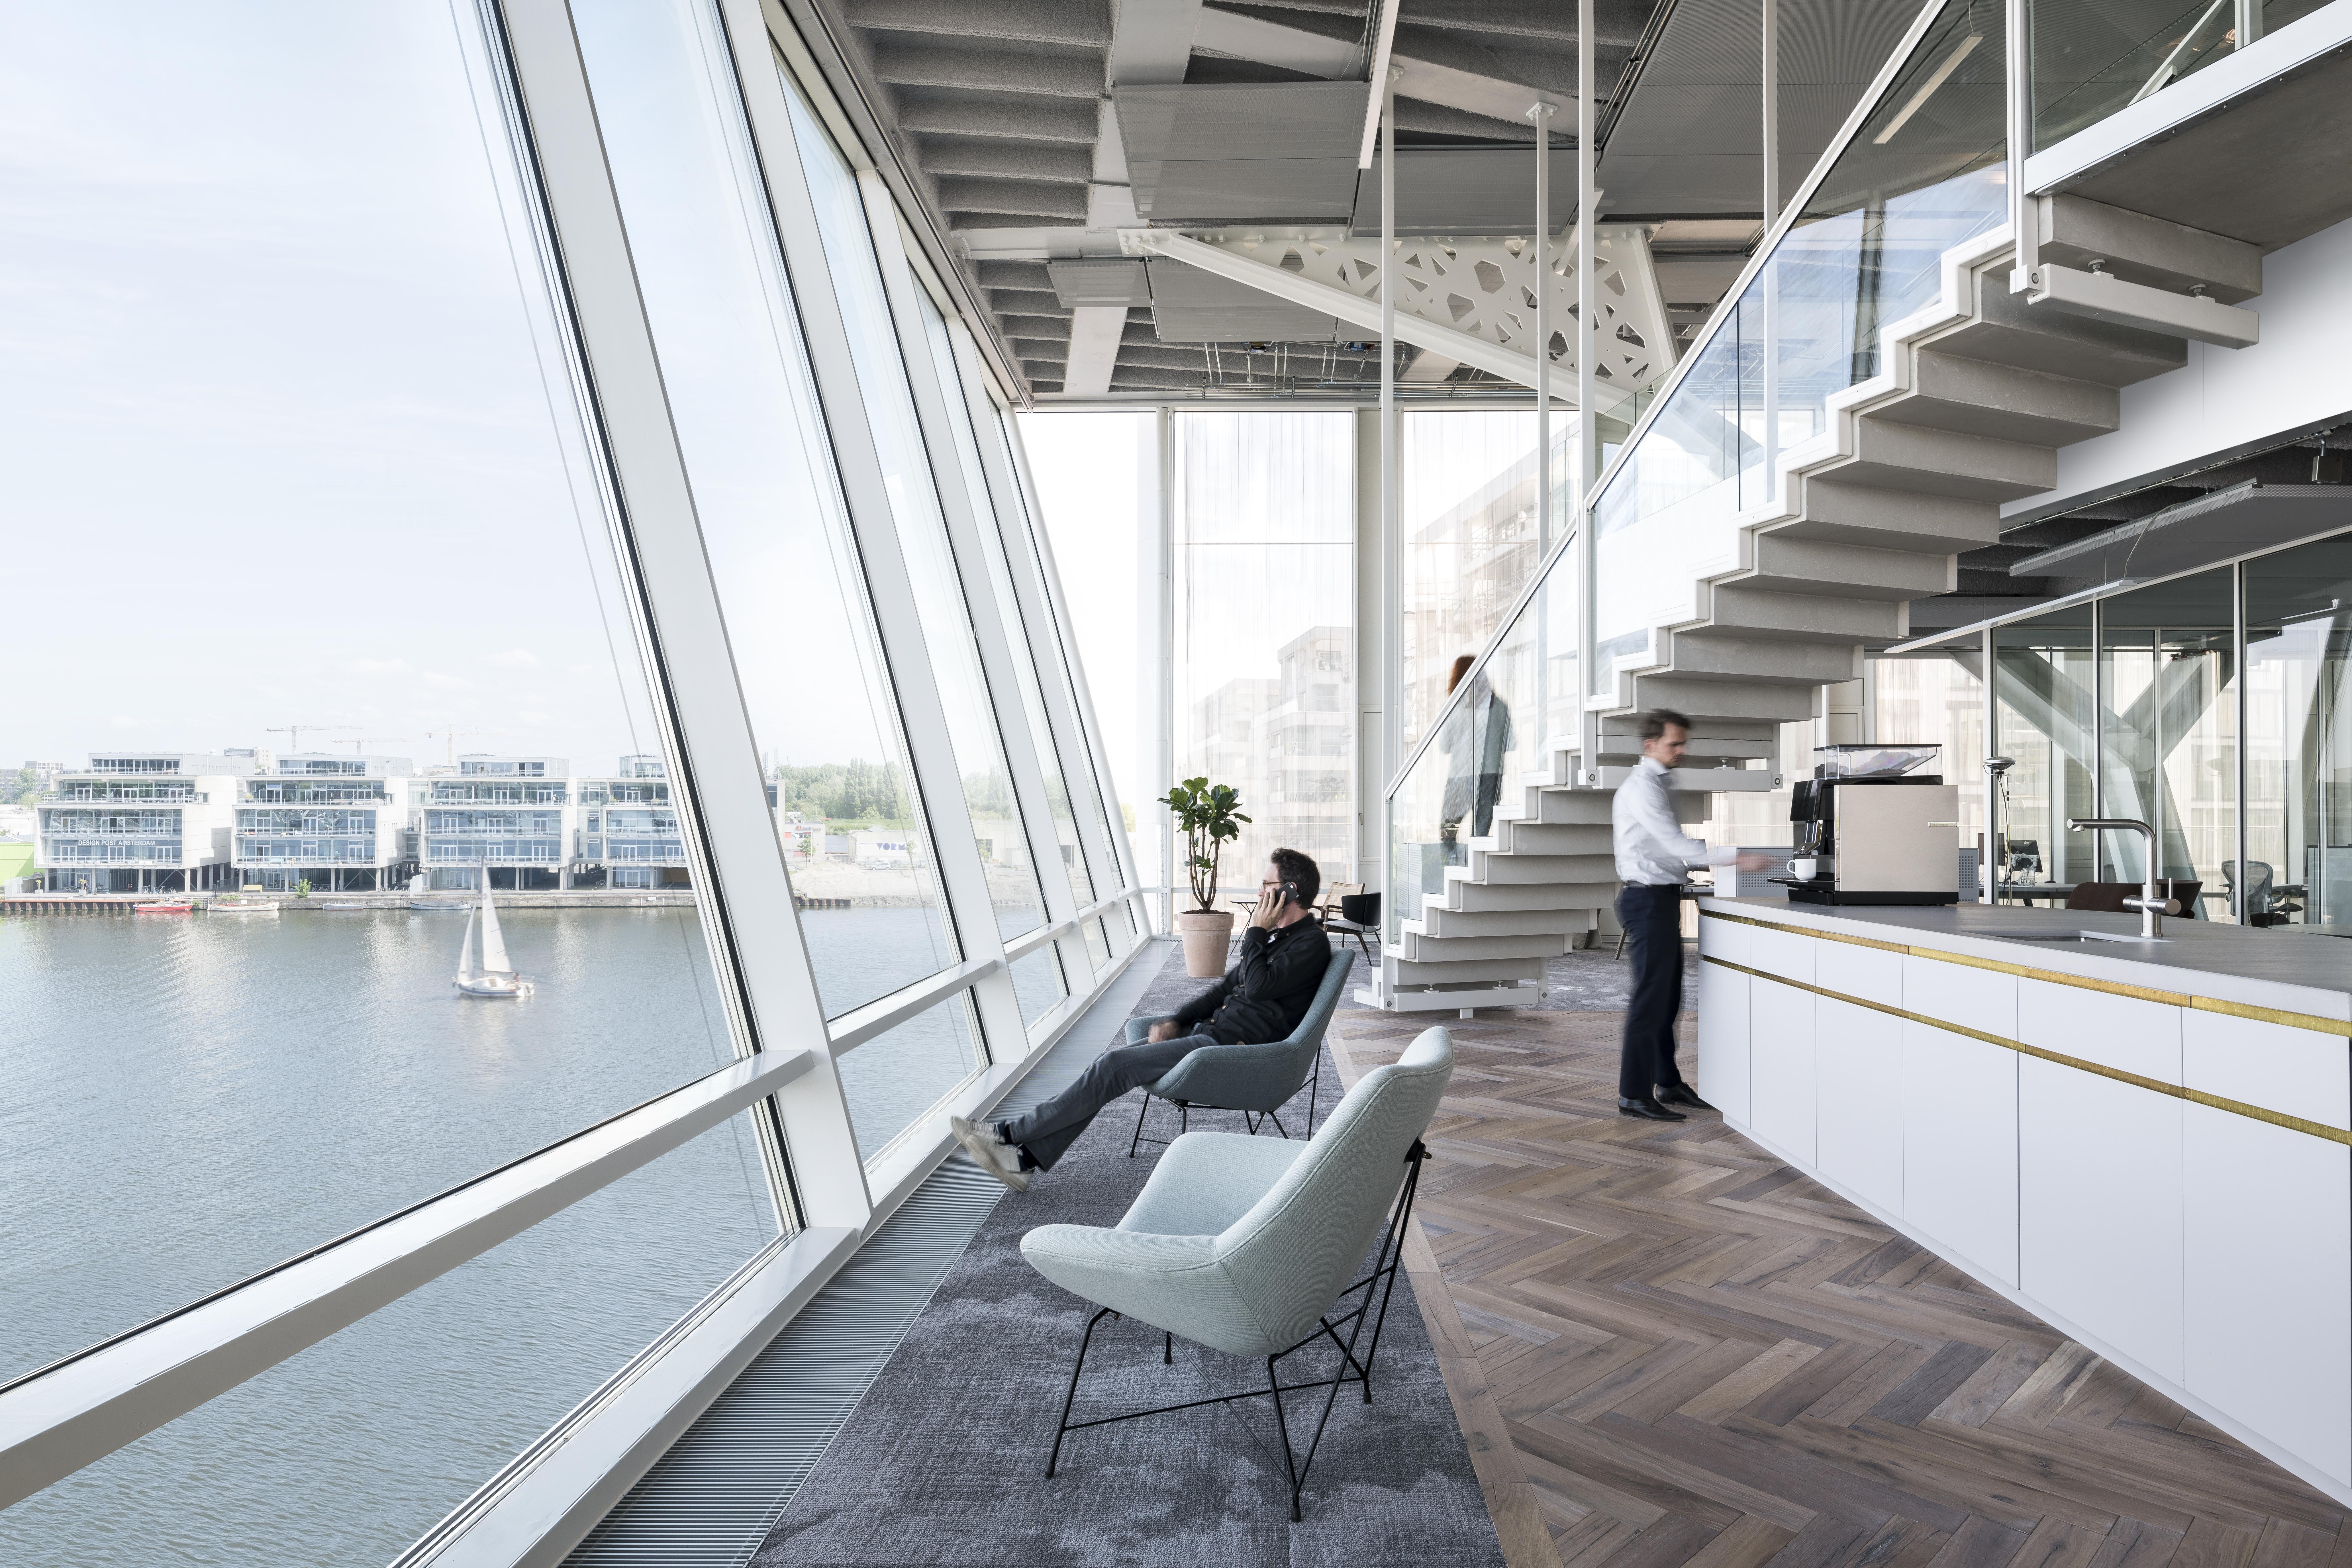 <p>Uitzicht op de entrepothaven vanuit twee vintage Borsani stoelen. Beeld: Studio de Nooyer</p>